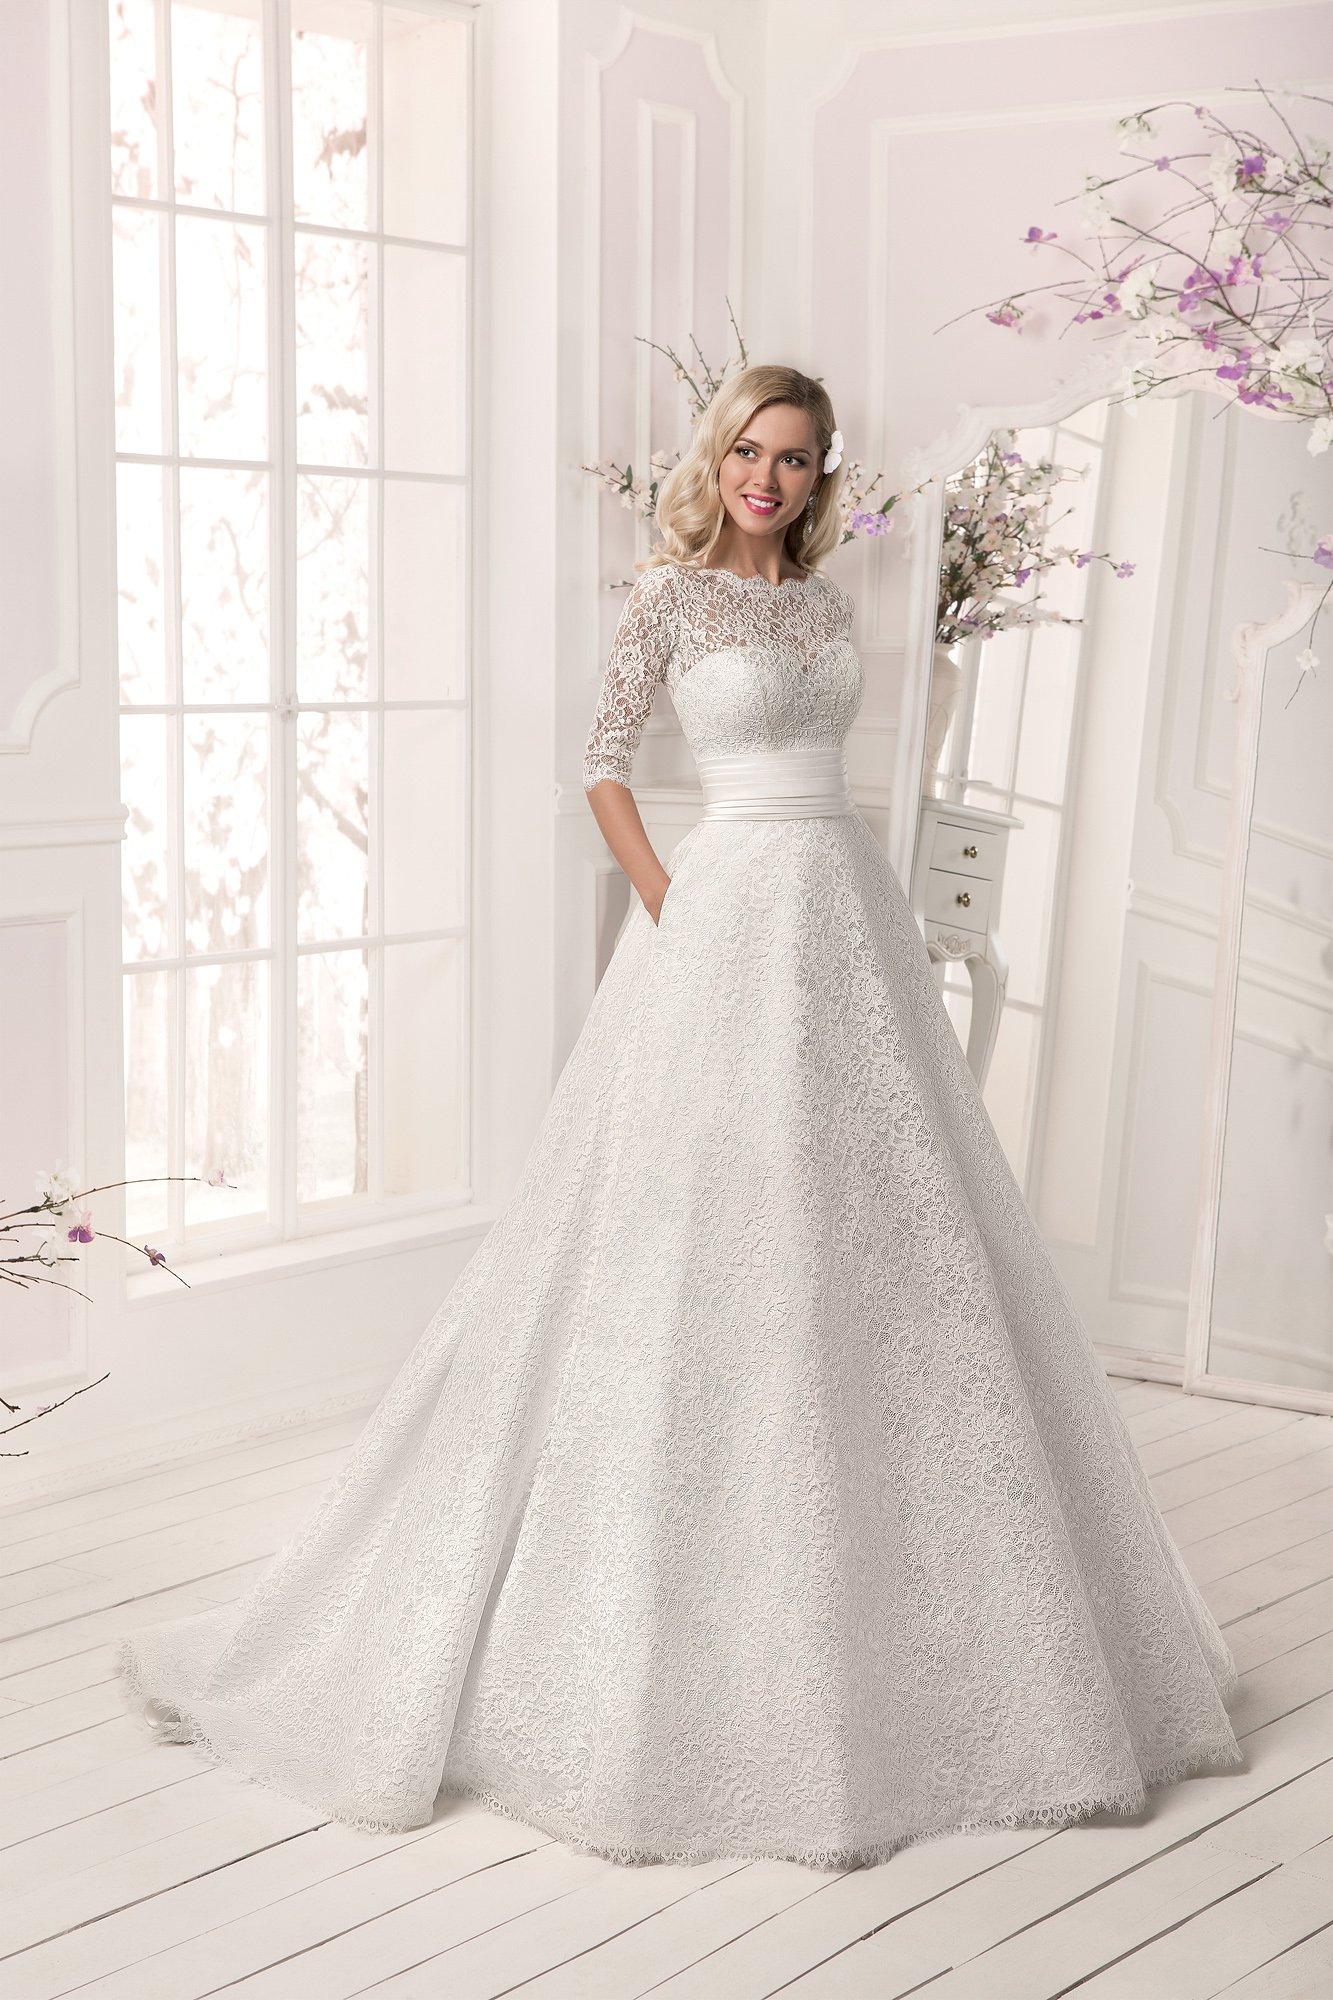 27b920a1a539da8 Свадебное платье силуэта «принцесса» с отделкой из плотной ажурной ткани и  широким поясом из